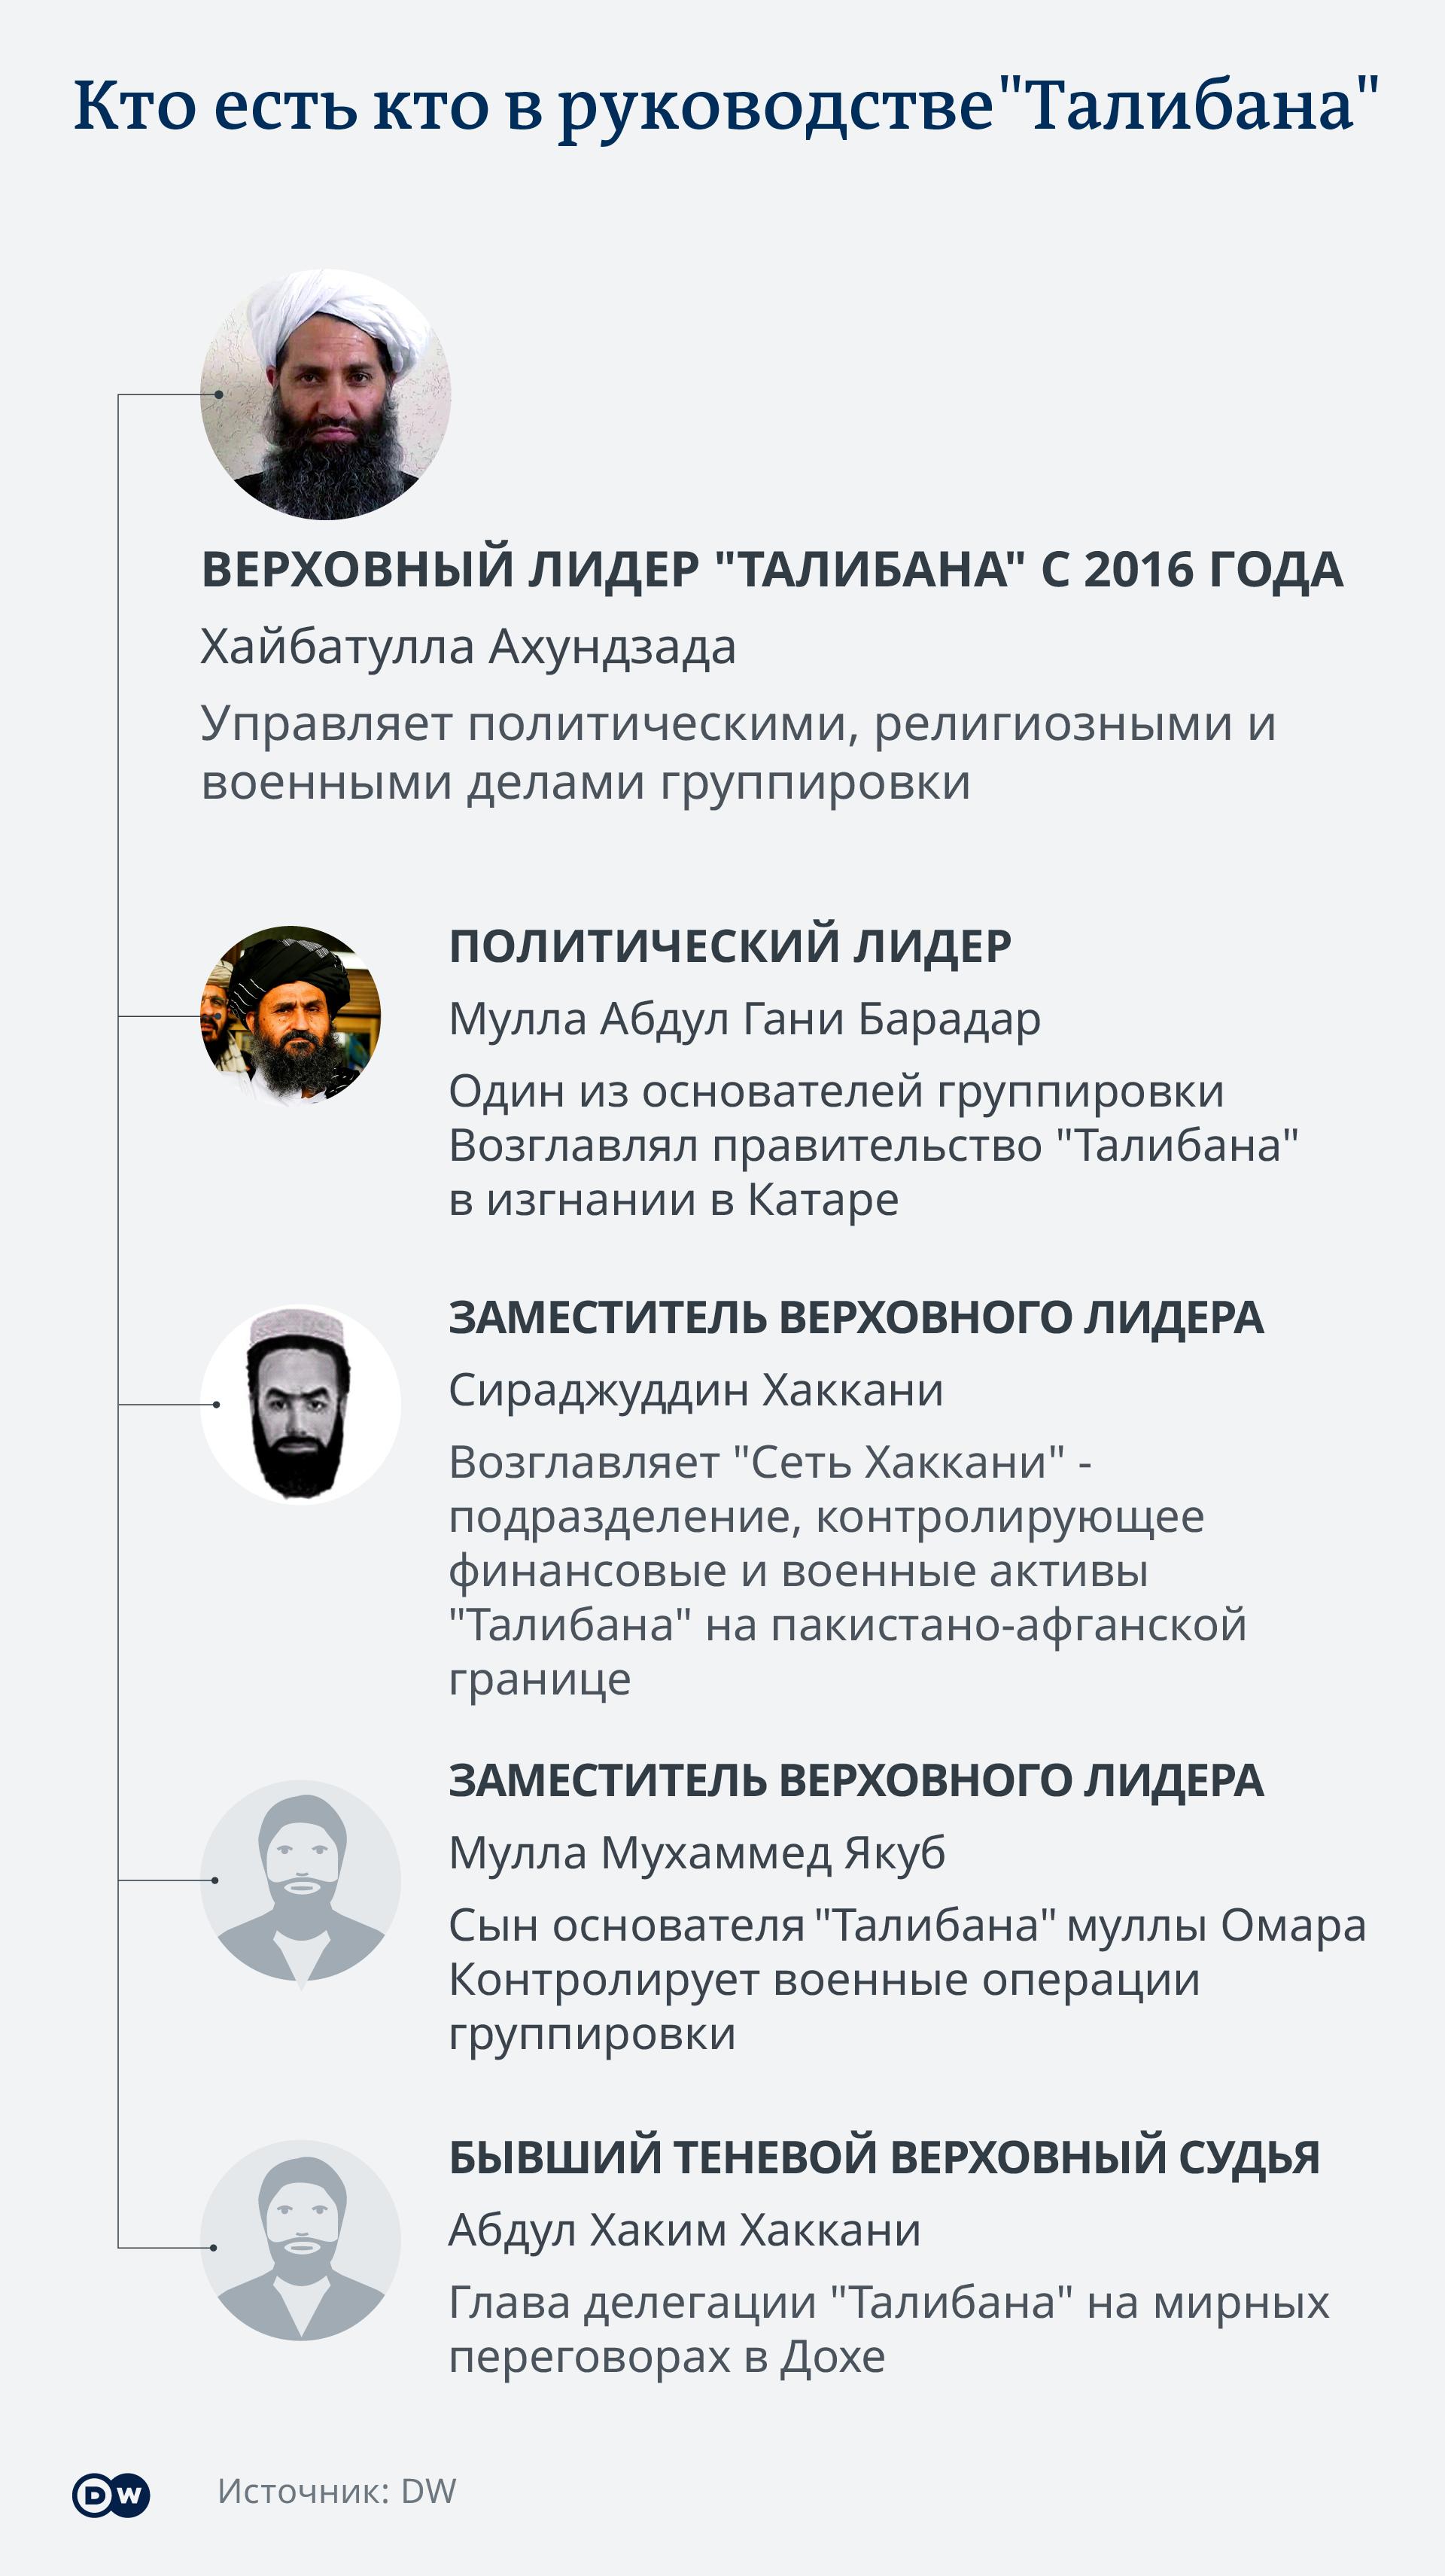 Инфографик Руководство Талибана